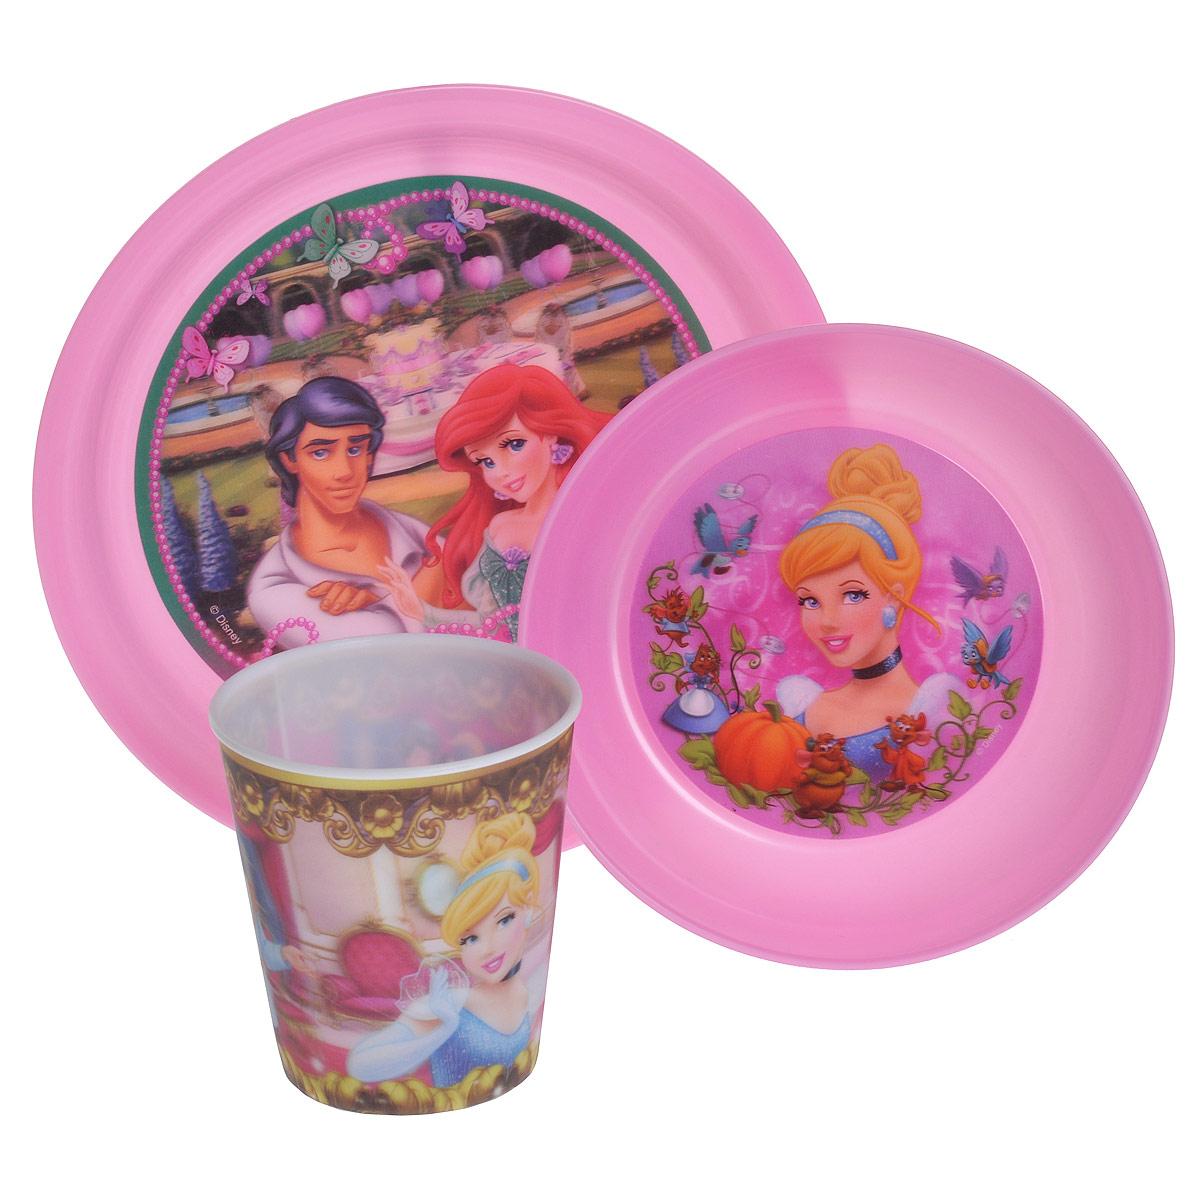 Набор детской посуды Принцессы, цвет: розовый, 3 предмета17408_розовыйНабор детской посуды Принцессы состоит из стакана, миски и тарелки. Посуда, выполненная из пищевого пластика розового цвета, оформлена изображениями принцесс - героинь диснеевских мультфильмов. Рисунки находятся под слоем прозрачного структурного пластика (линзы), создающего эффект объемного изображения, как в 3D кино, и исключающего попадание краски в жидкость. Небьющаяся посуда, красивая, легкая и удобная в уходе, прекрасно выдерживает горячую пищу. Ваш малыш с удовольствием будет кушать вместе с любимыми героинями. Характеристики:Размер миски: 14,5 см х 14,5 см х 4,5 см. Размер тарелки: 19,5 см х 19,5 см х 2 см. Объем стакана: 280 мл. Высота стакана: 8,5 см.